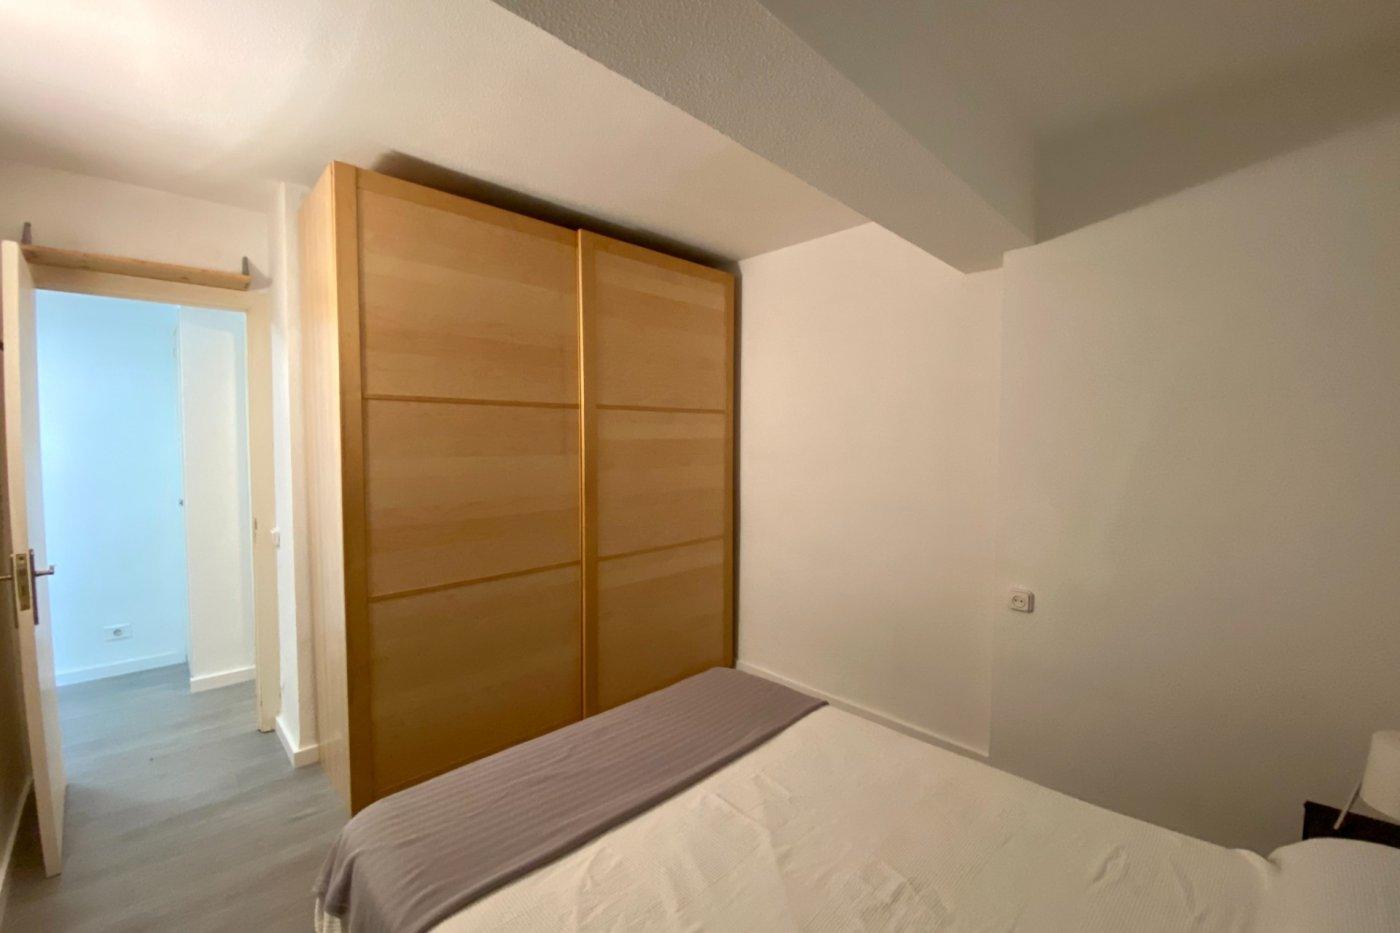 Primer piso de 49 m² de superficie (con ascensor) en la zona de porto pí, palma de mallorc - imagenInmueble4